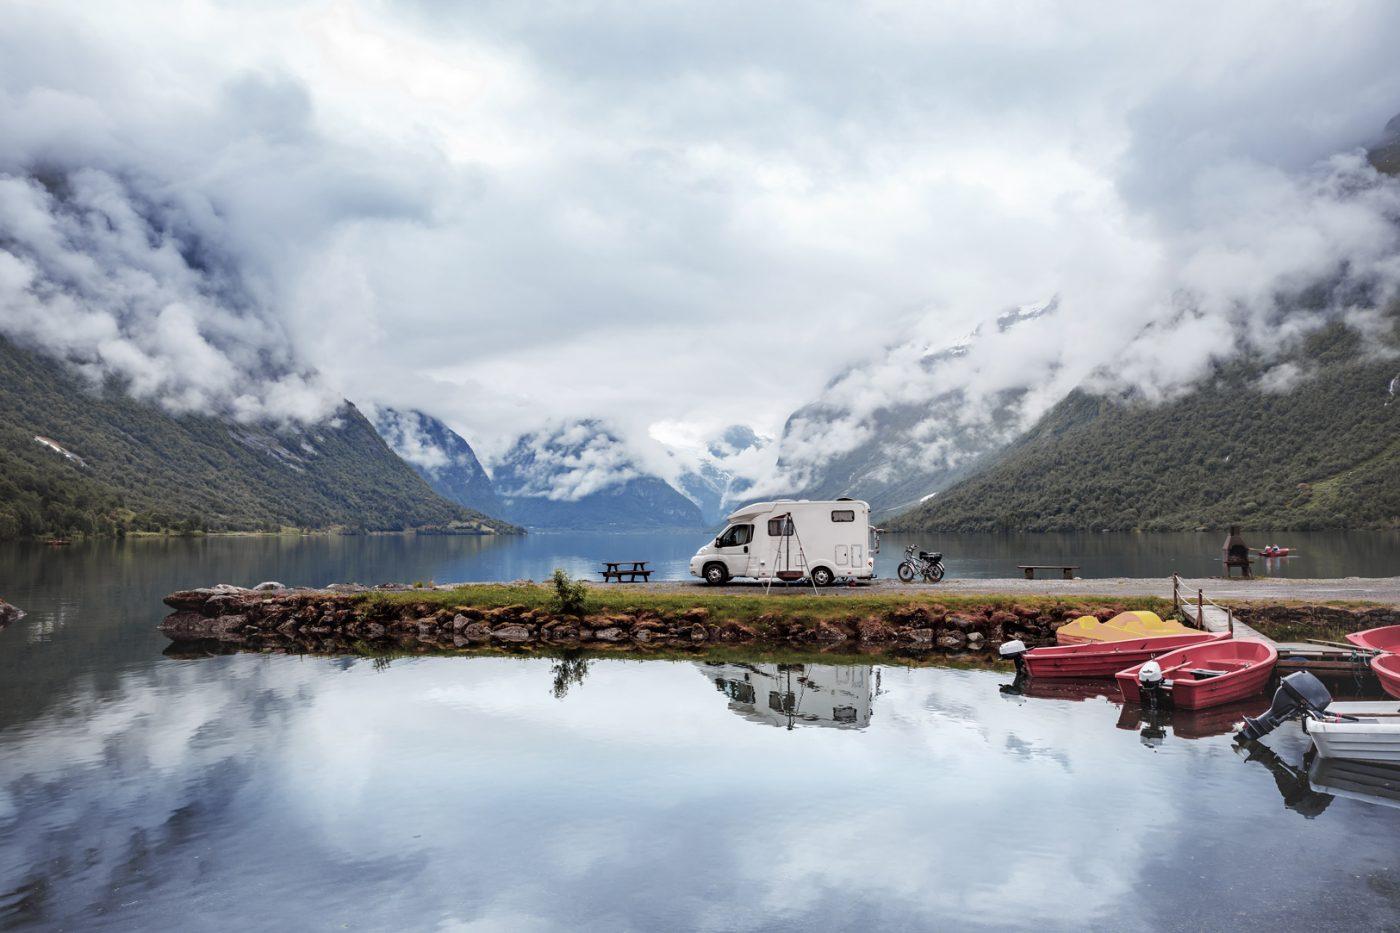 Ein Wohnmobil steht vor der beeindruckenden Kulisse eines Fjordes in Norwegen.